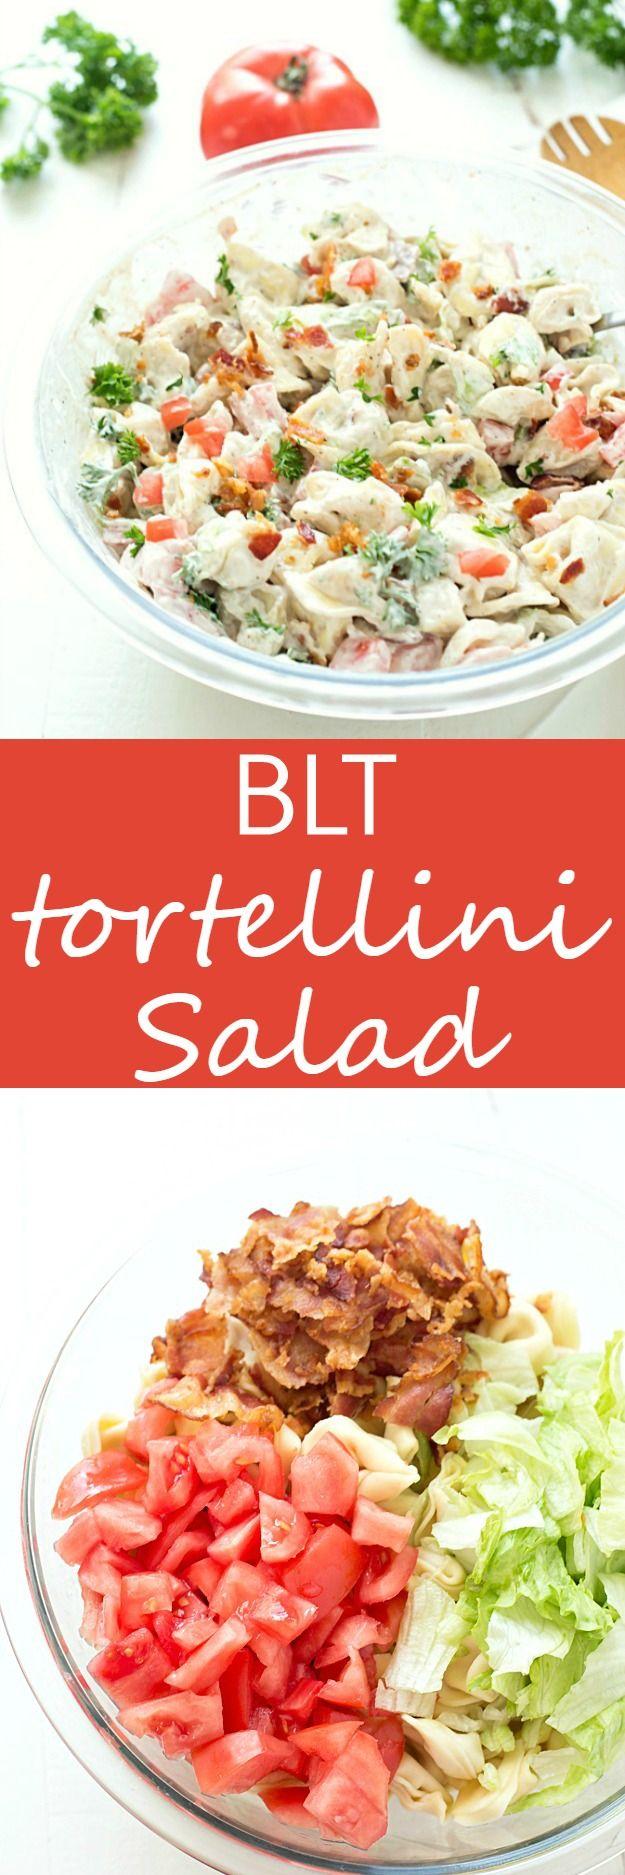 Blt Tortellini Salad Recipe Cold Pasta Tortellini